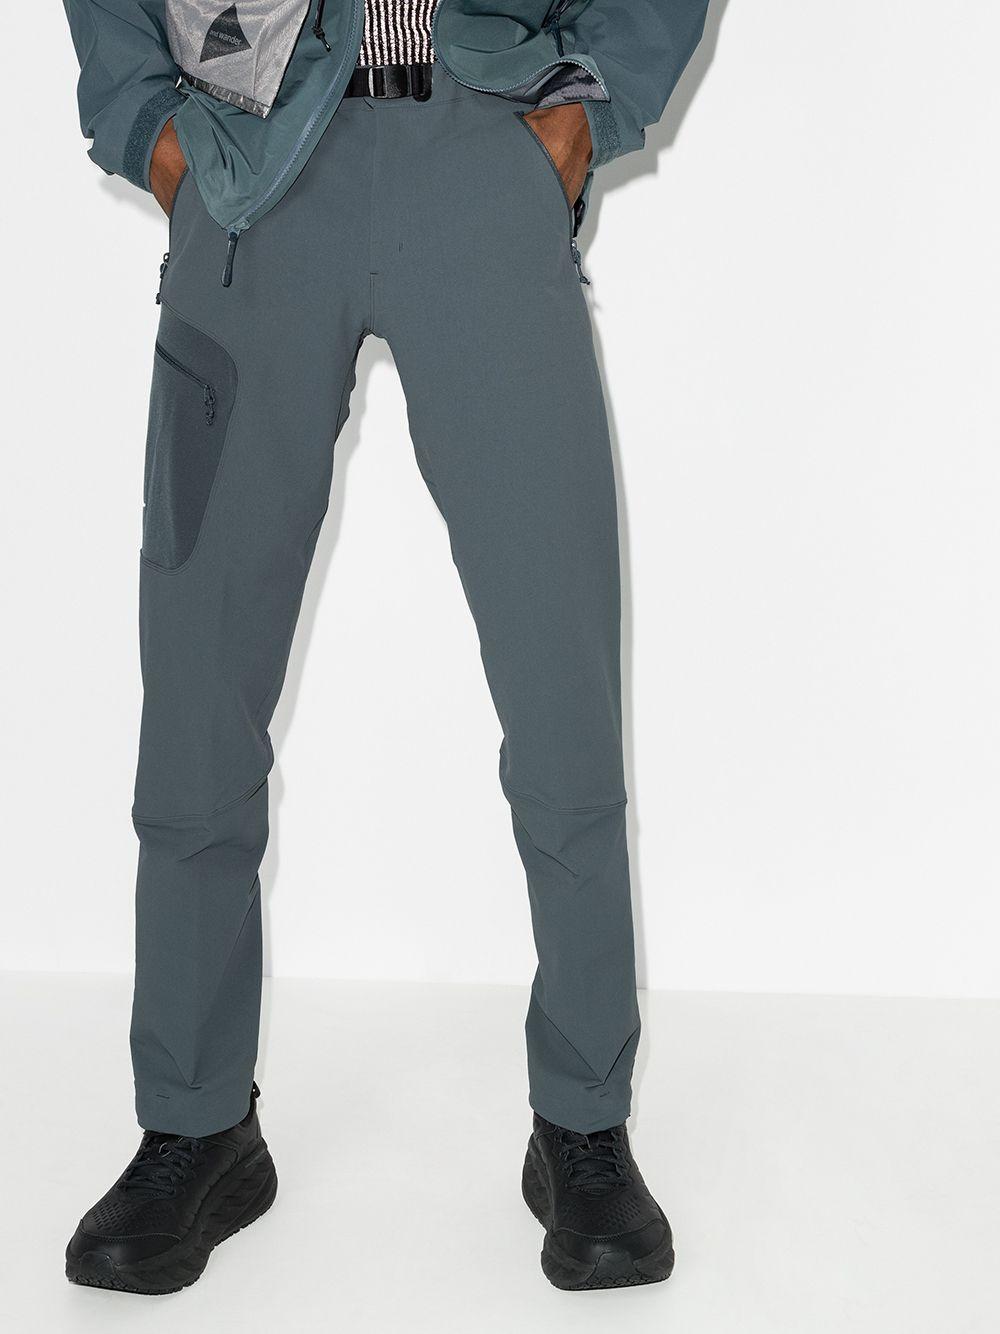 Arcteryx Gemma AR pants